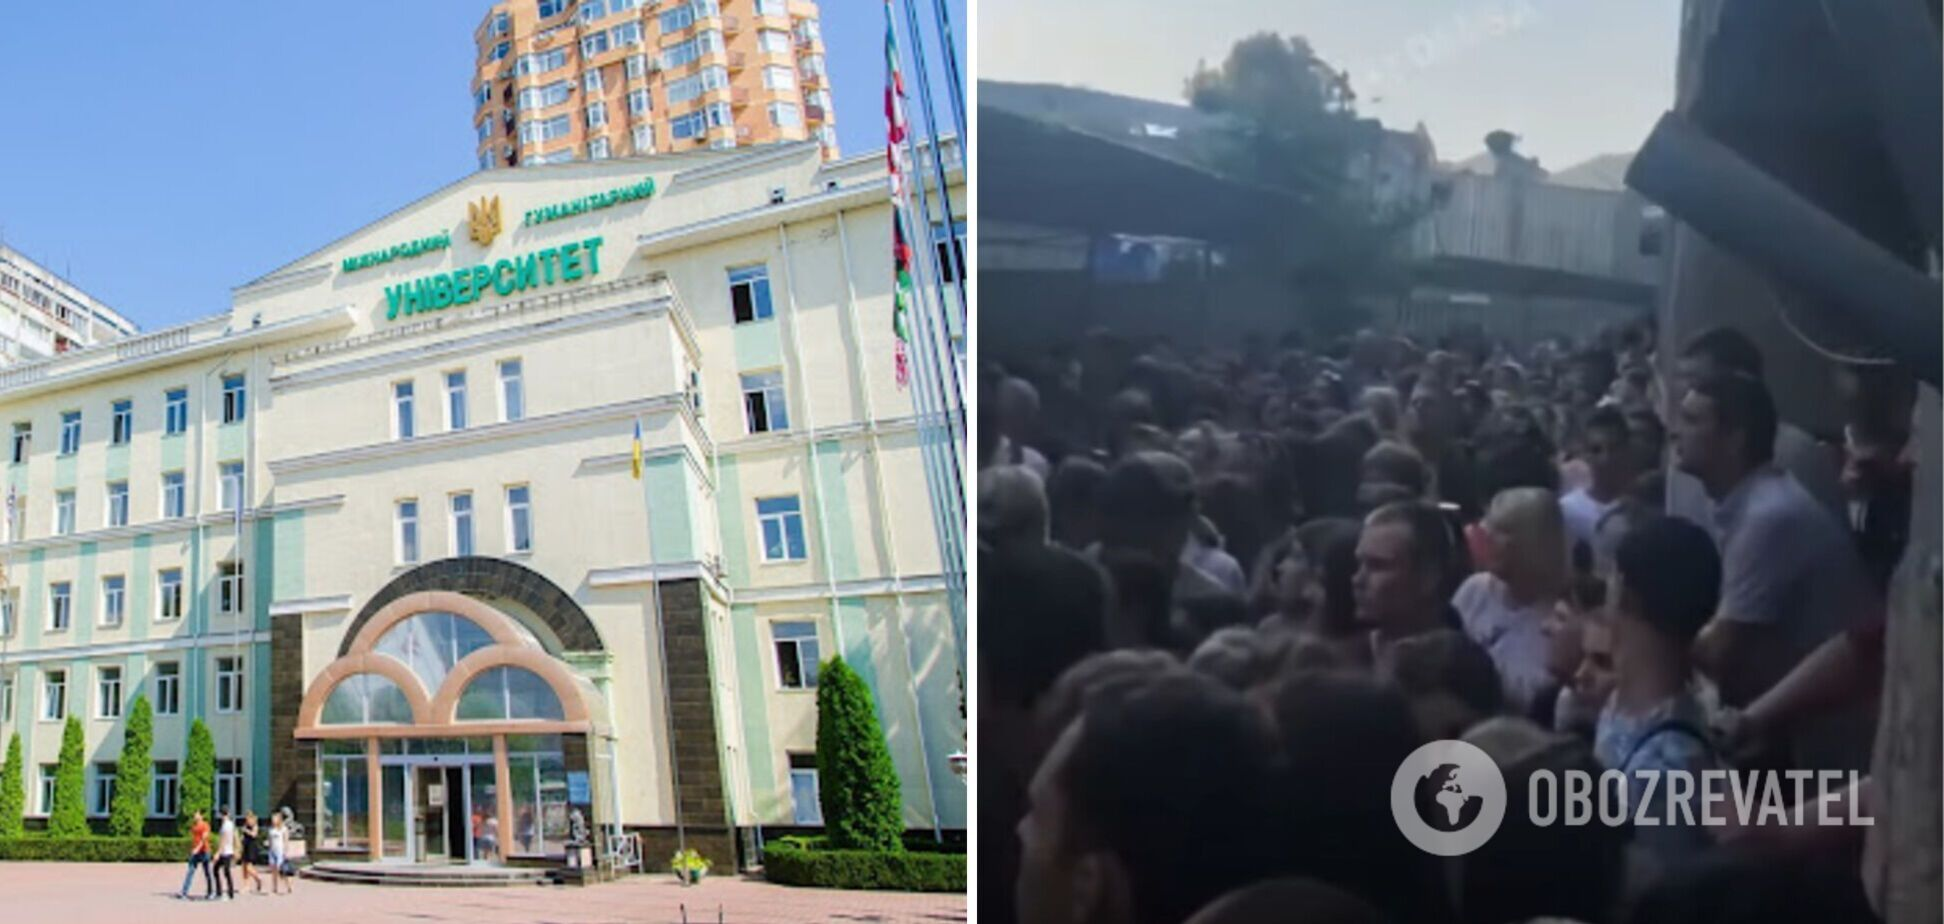 Под зданием собралось почти тысяча человек